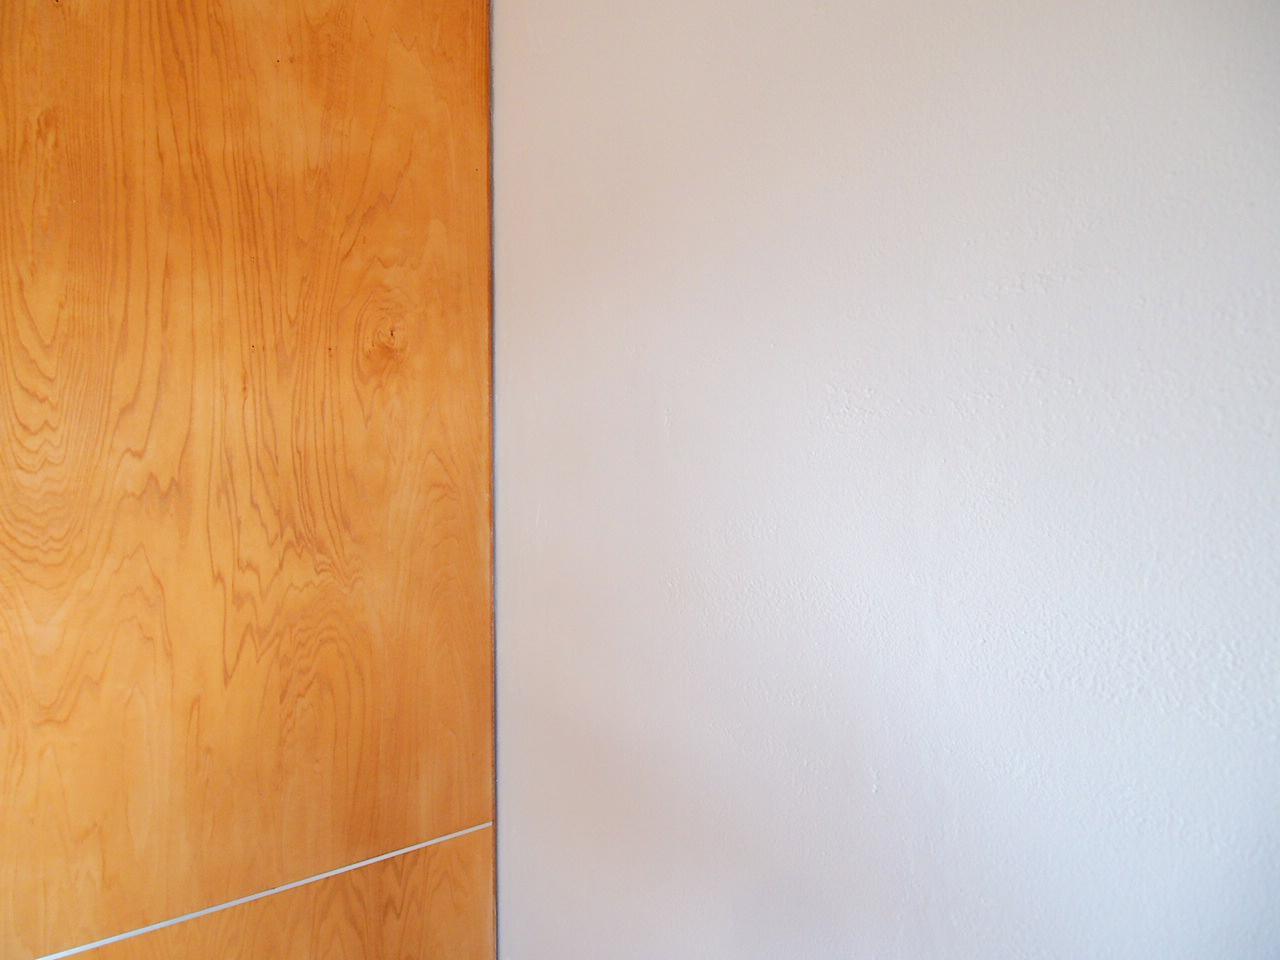 建具の木の質感と漆喰の相性がバッチリ